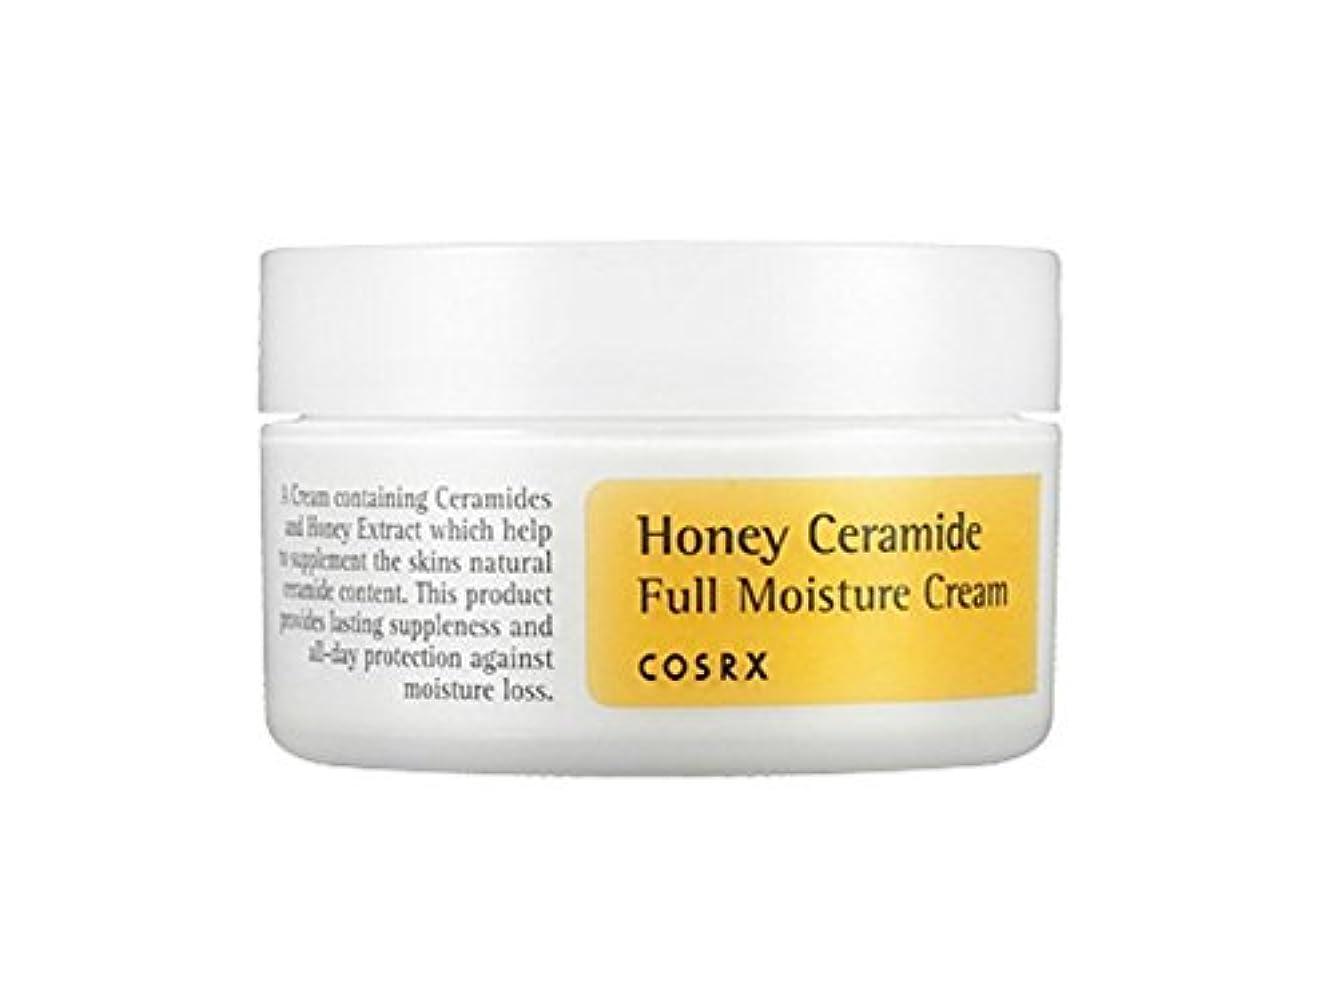 抽象測定可能物理的にCOSRX Honey Ceramide Full Moisture Cream 50ml/COSRX ハニー セラミド フル モイスチャー クリーム 50ml [並行輸入品]